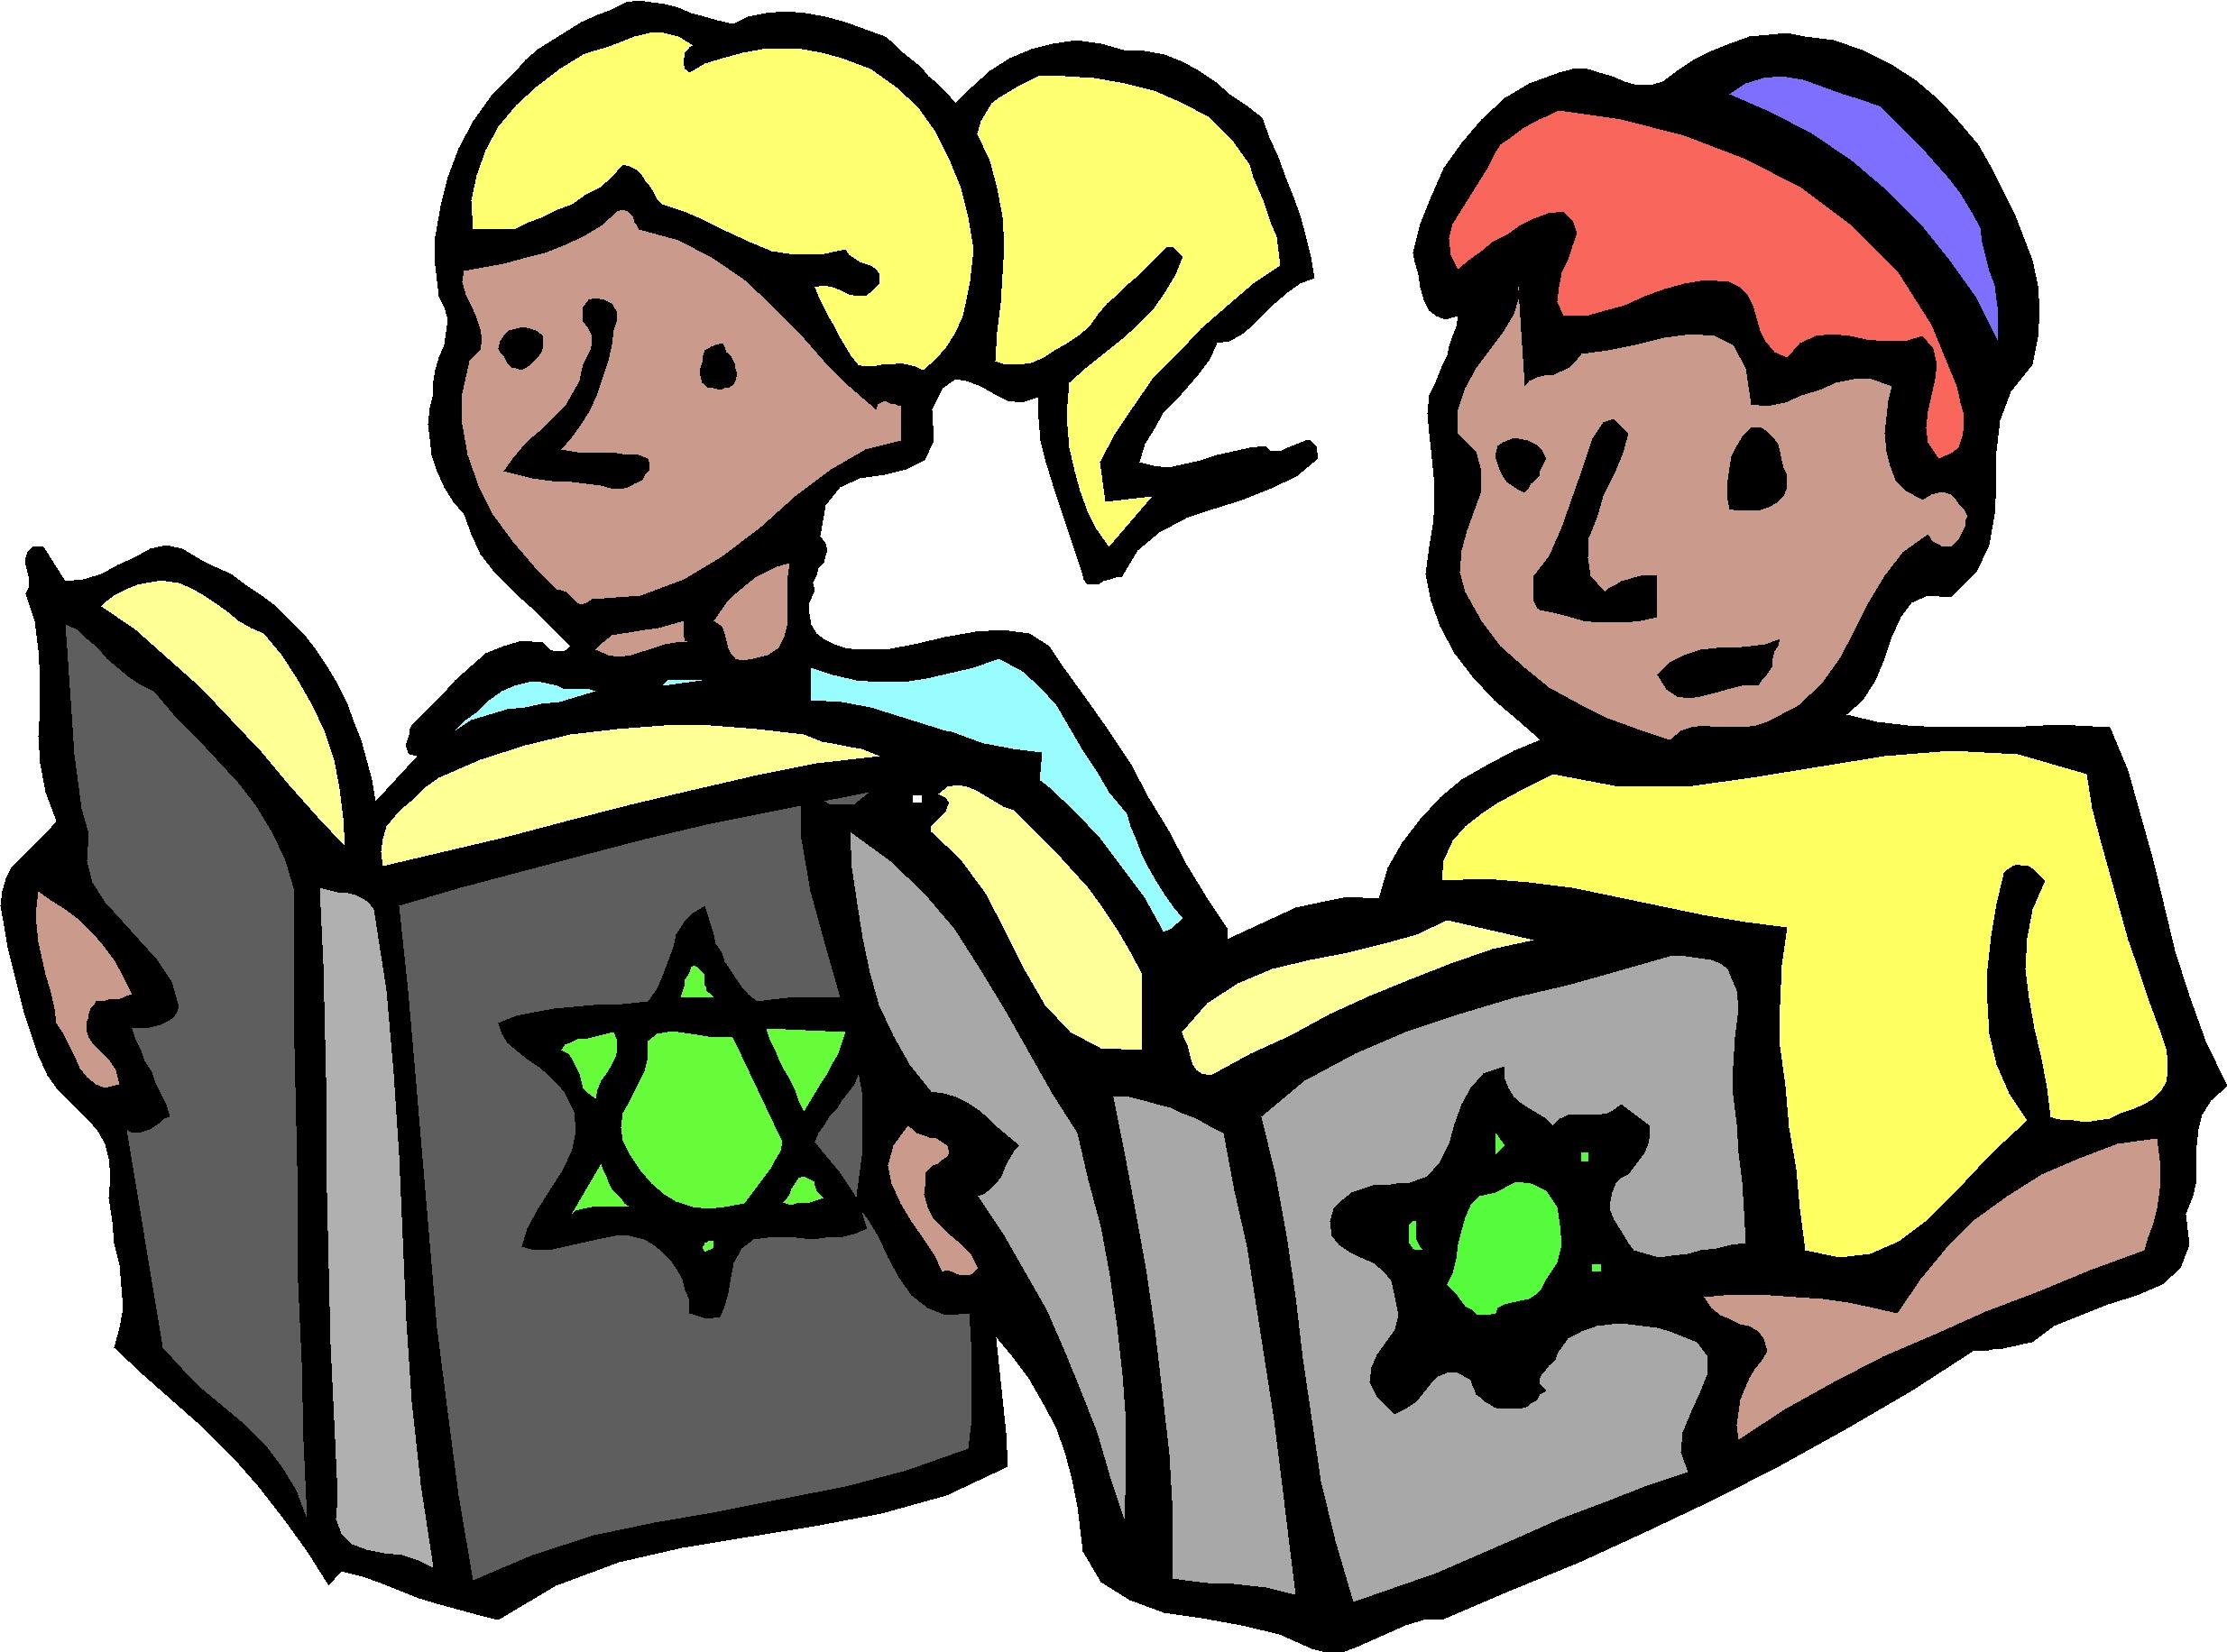 Jewish child praying clipart black and white clip royalty free Free Jewish Praying Cliparts, Download Free Clip Art, Free Clip Art ... clip royalty free